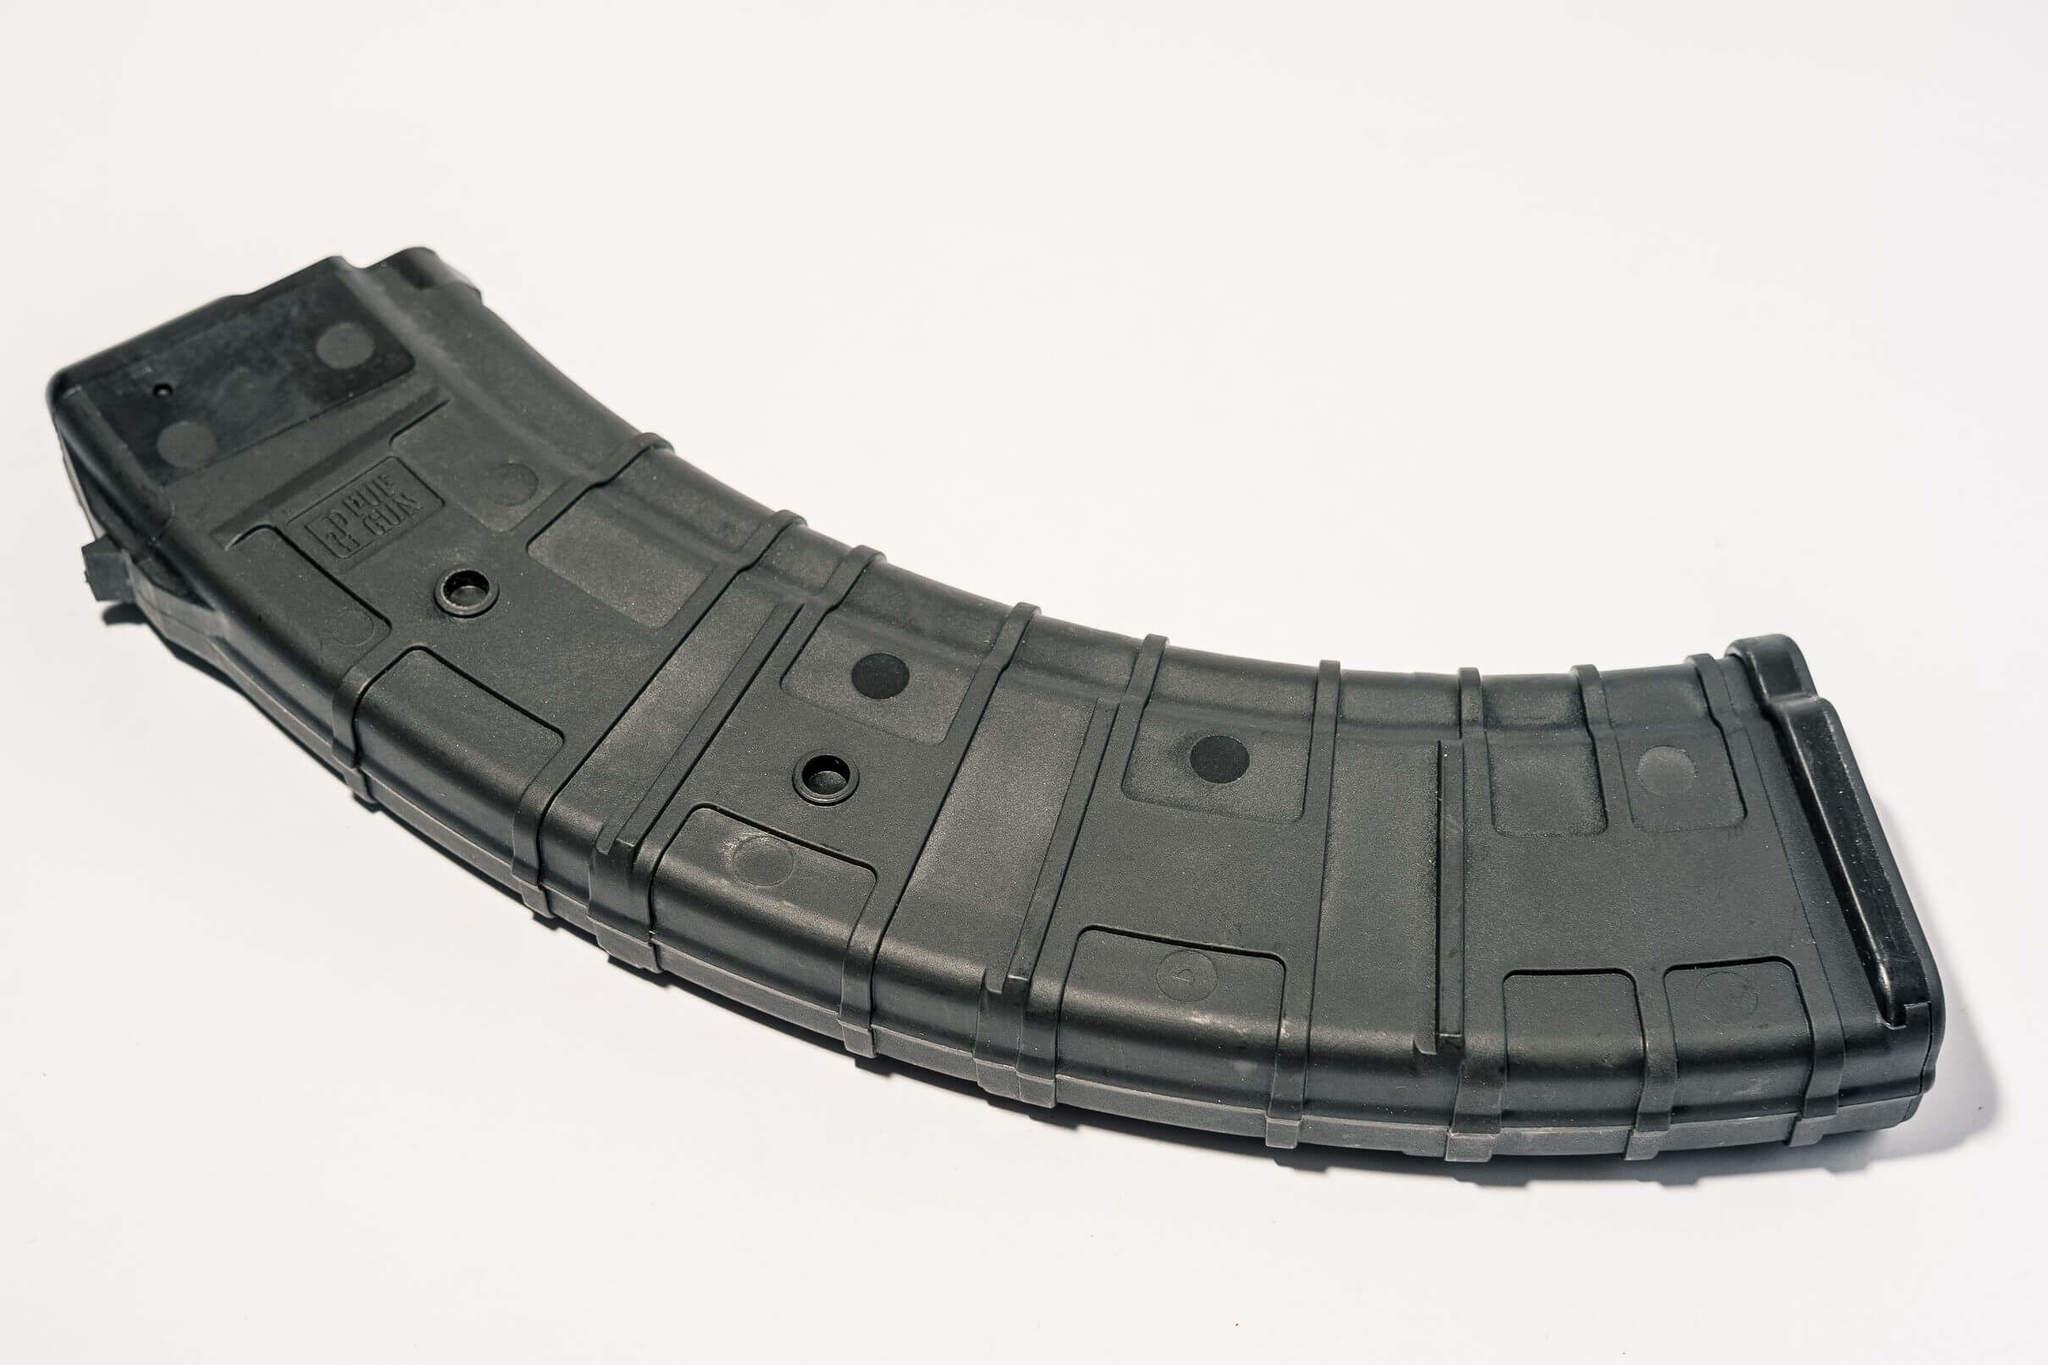 Магазин Pufgun для АКМ 7.62x39 ВПО-136 на 40 патронов, черный